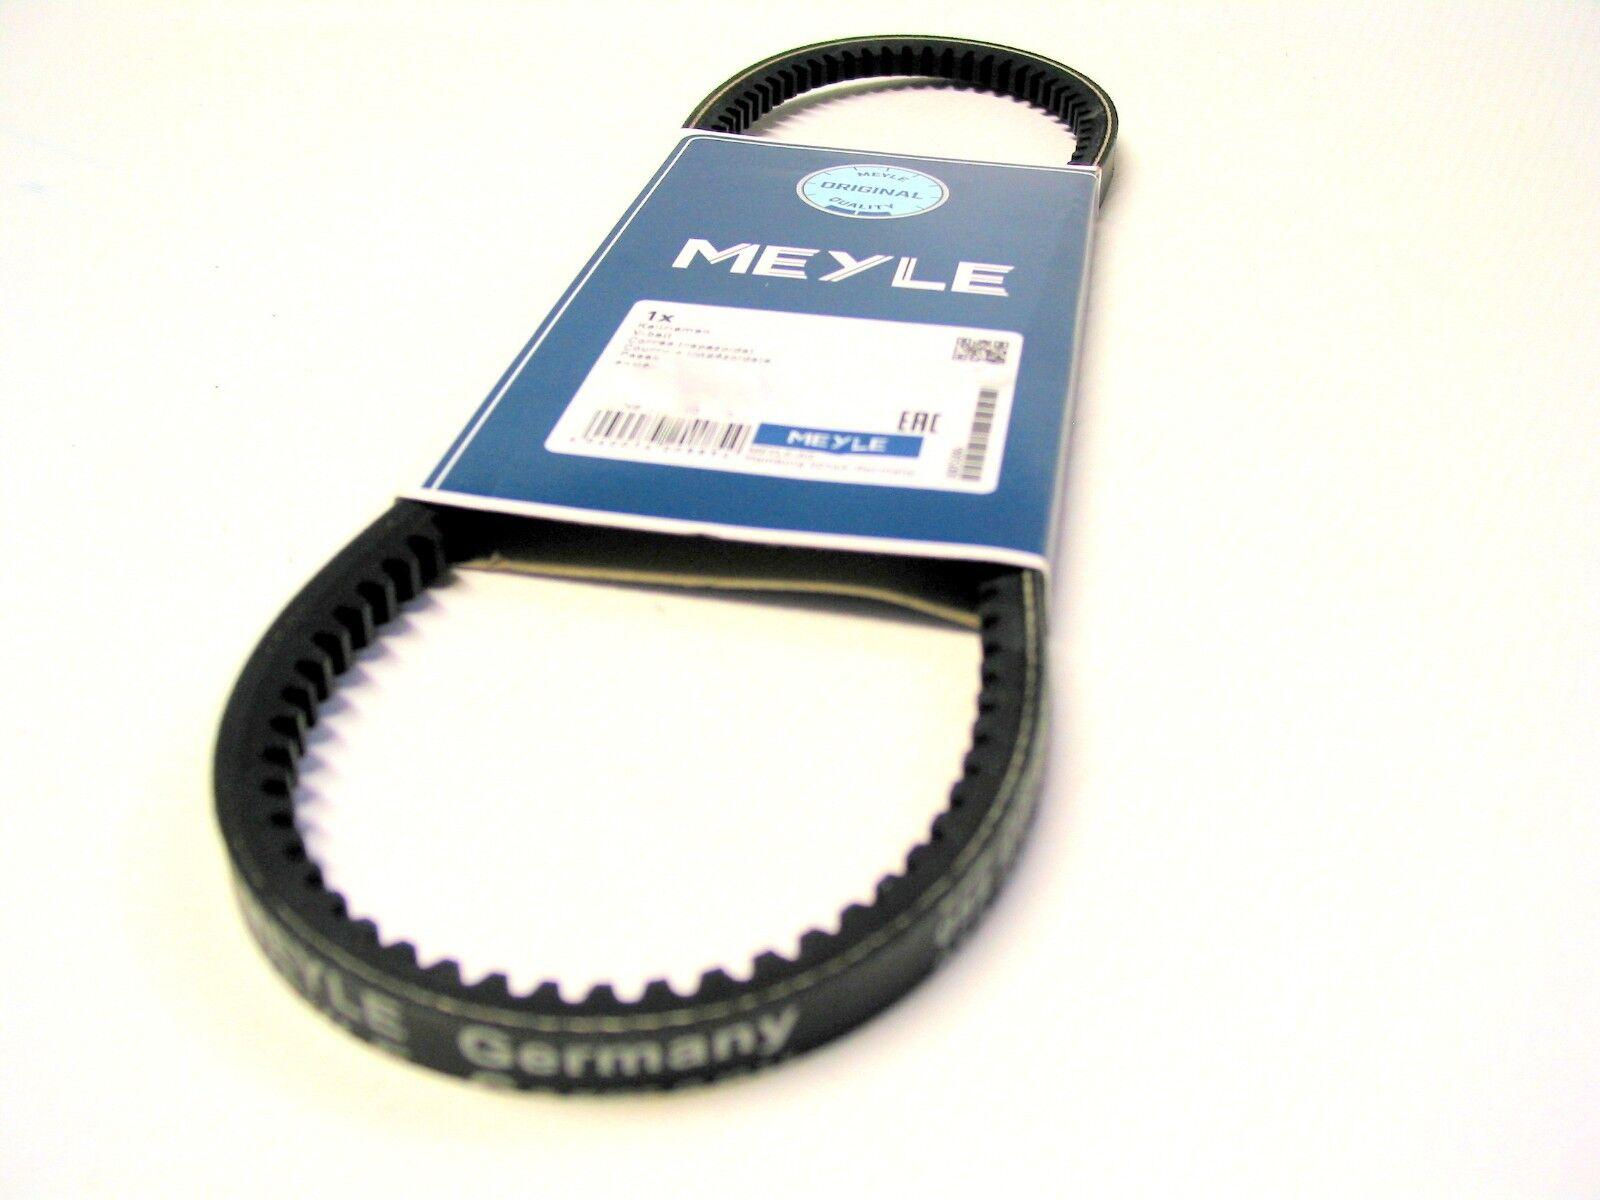 20x Superflux LED Piranha Verde 7,62mm 3,0-3,4v tlwb 7600-01